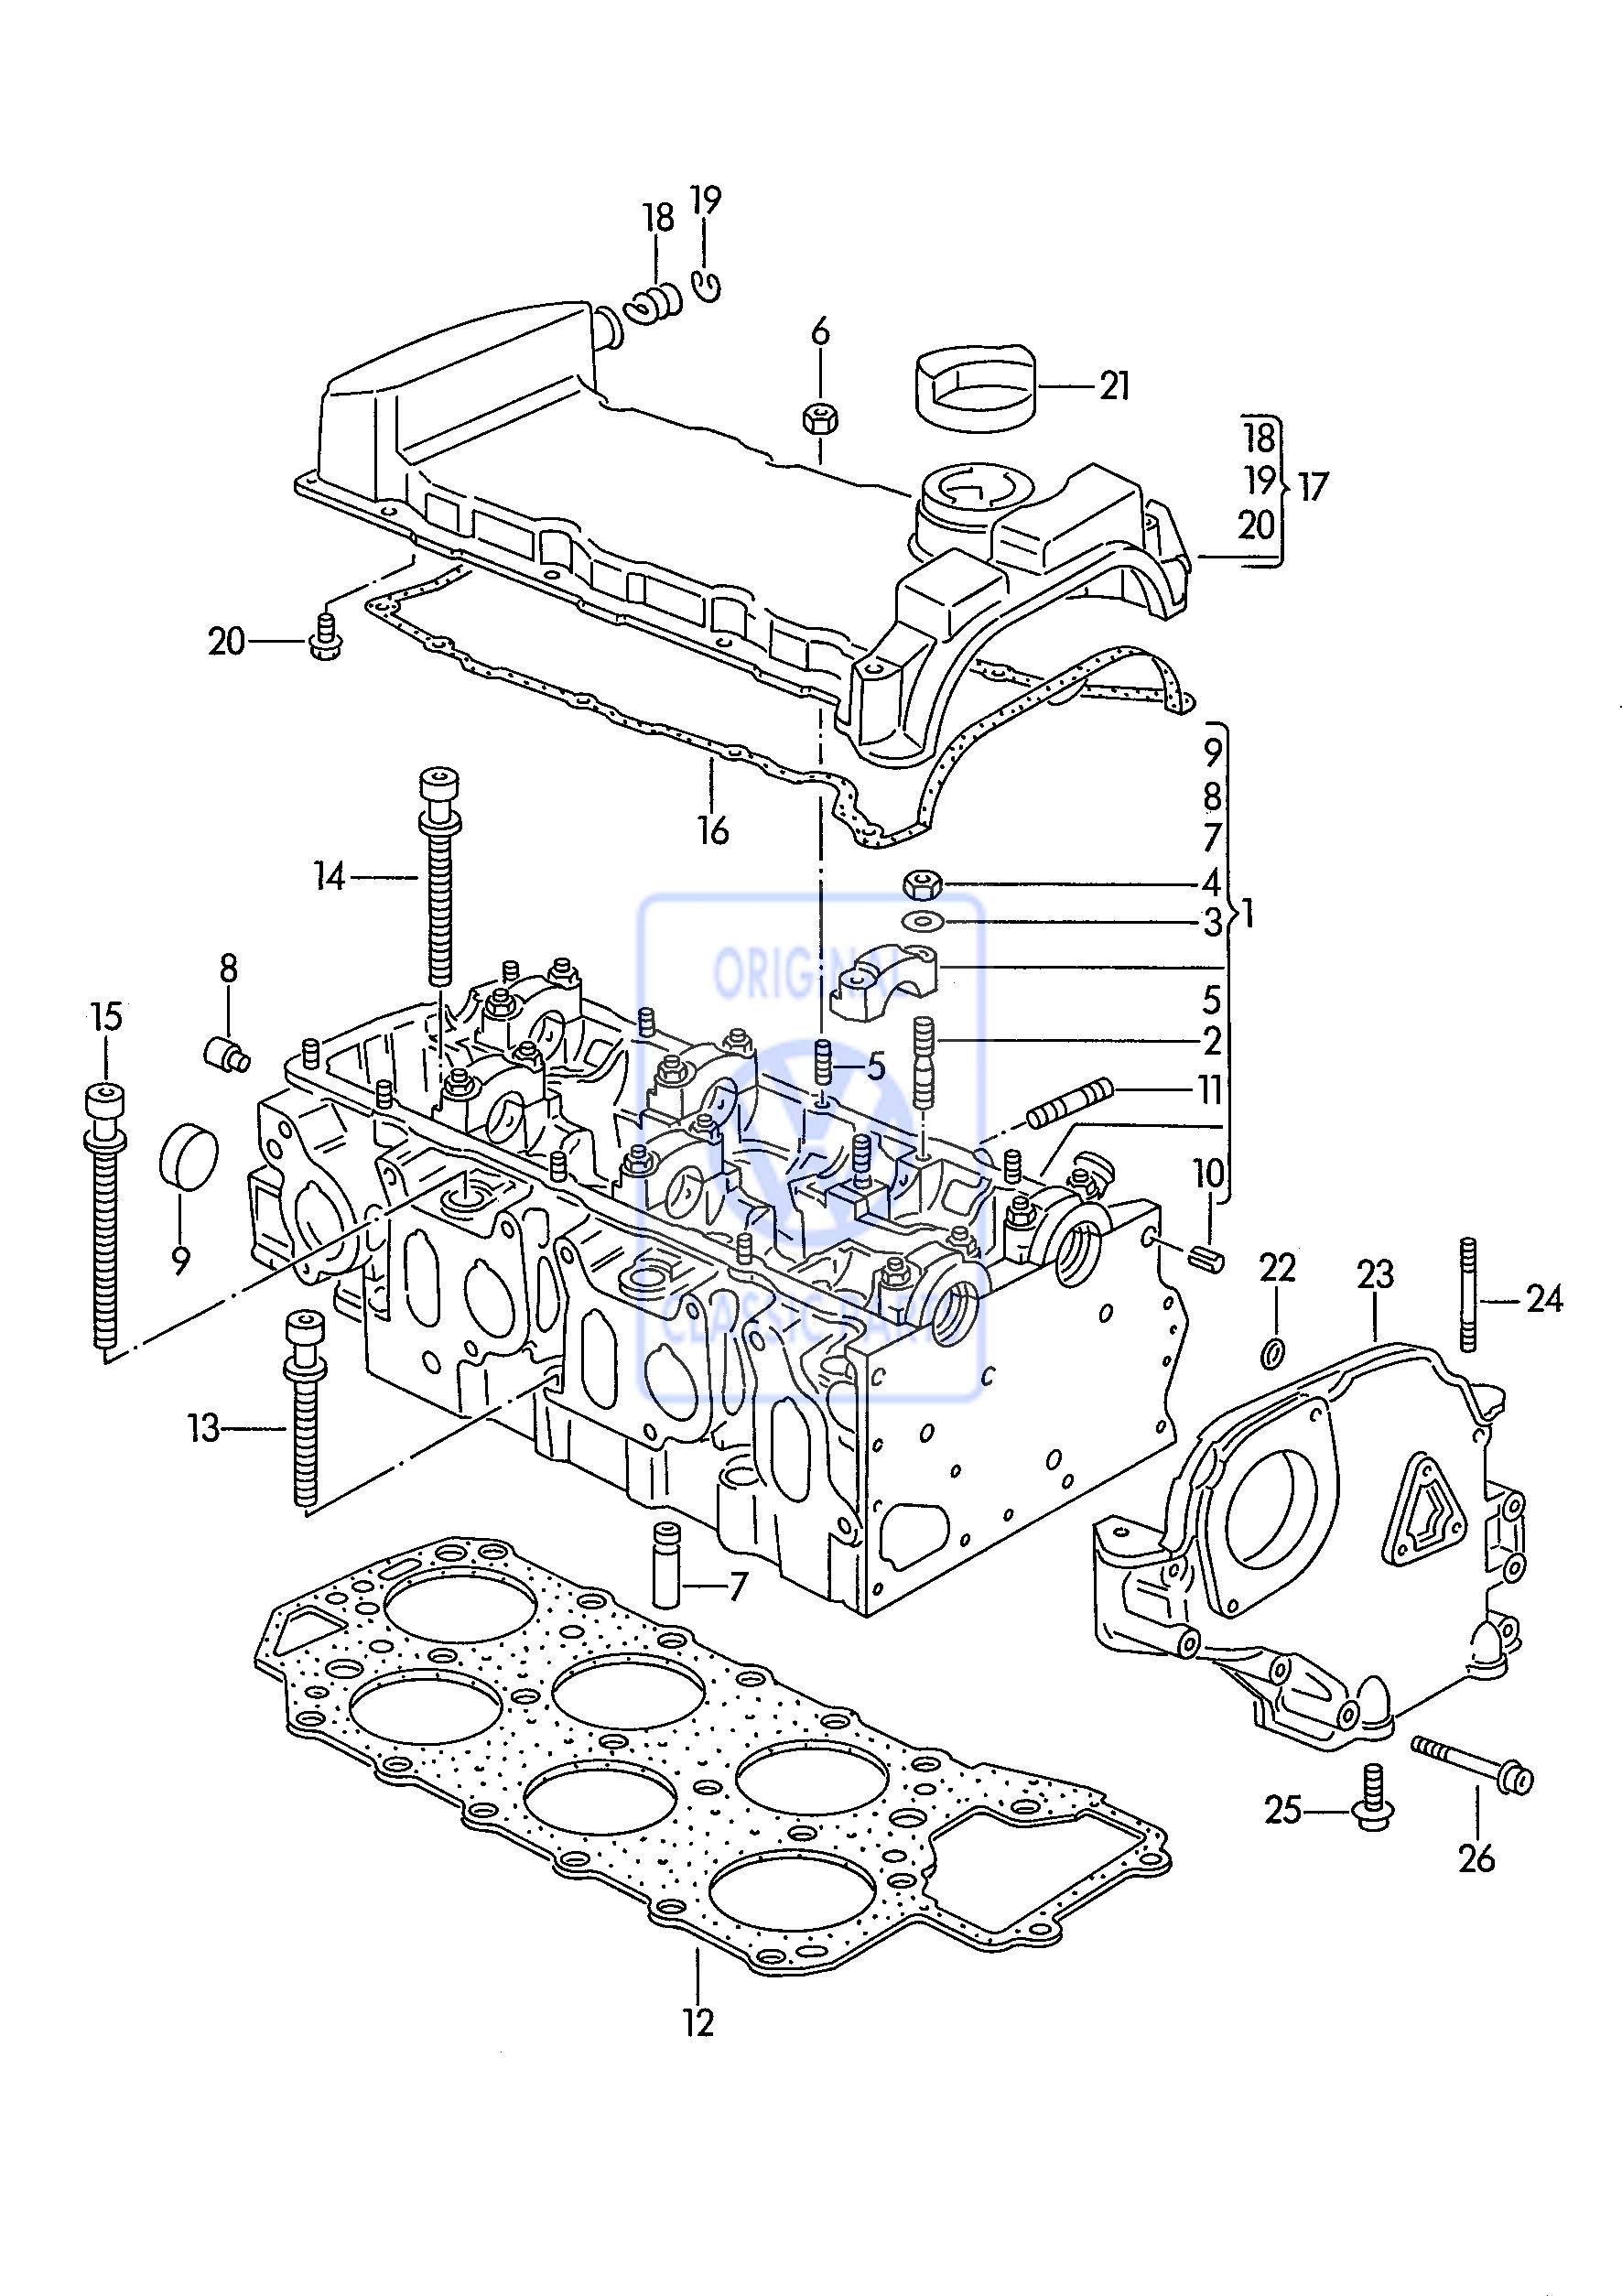 [DIAGRAM_38EU]  YM_7341] Vr6 Engine Cylinder Number Diagram Wiring Diagram | Vr6 Engine Diagram |  | Brece Weasi Emba Mohammedshrine Librar Wiring 101